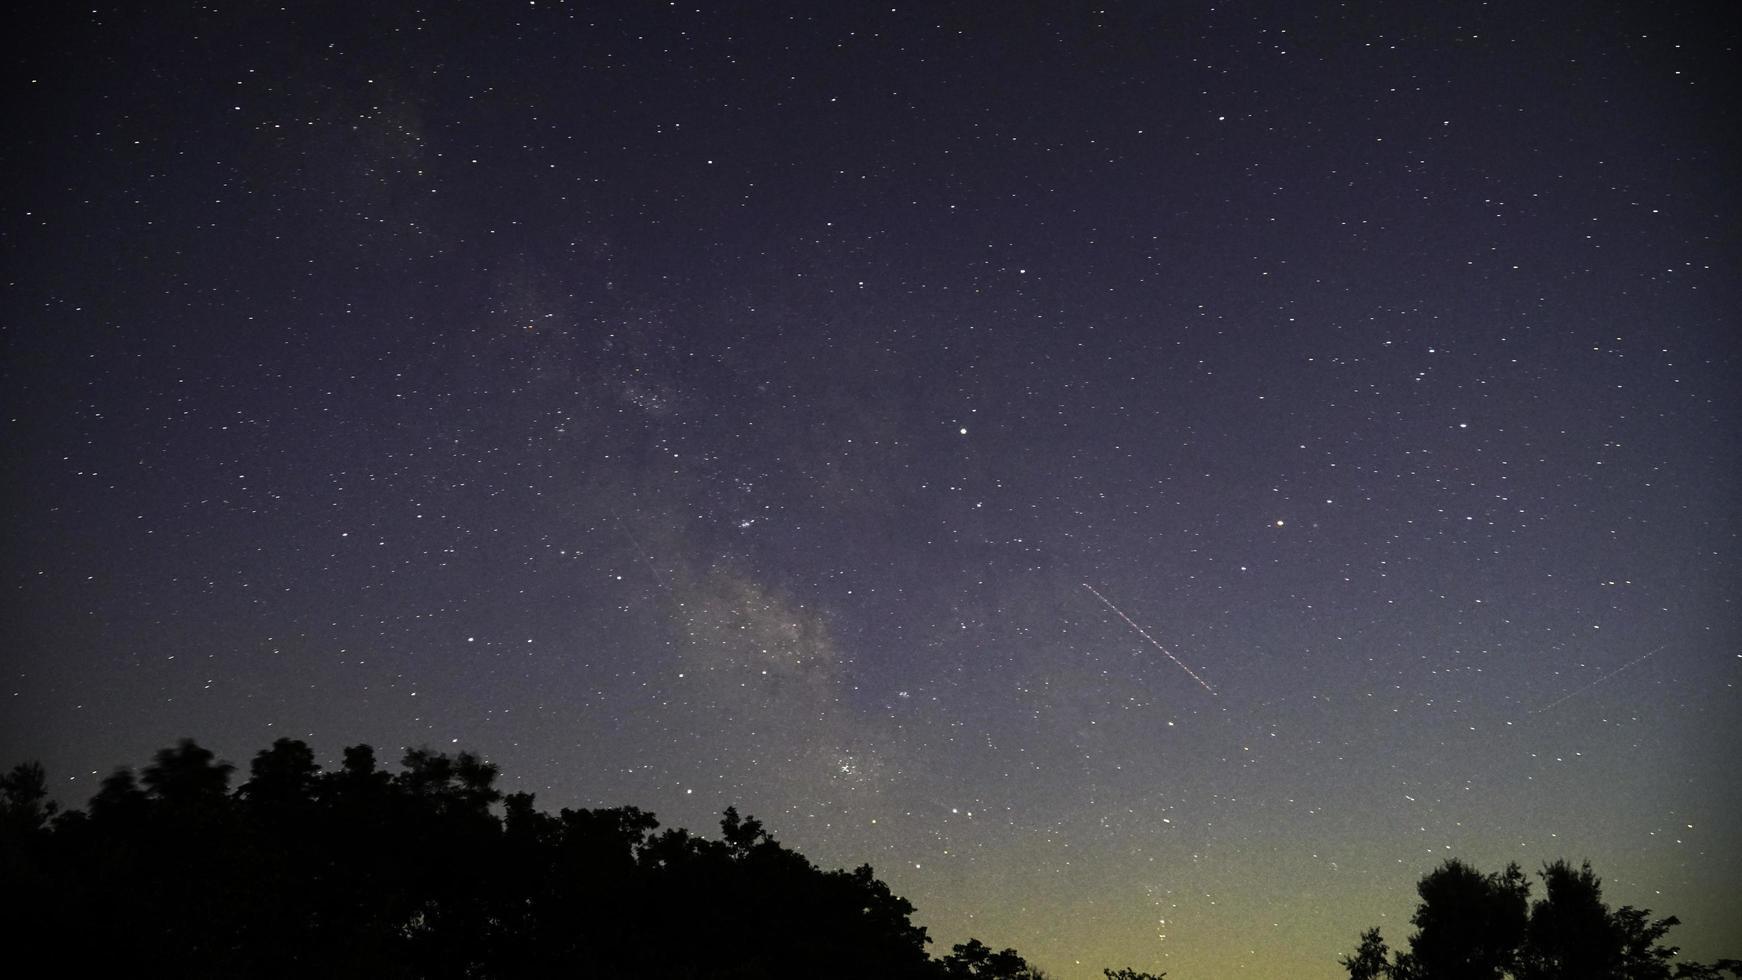 silueta de árboles durante la noche con estrellas foto